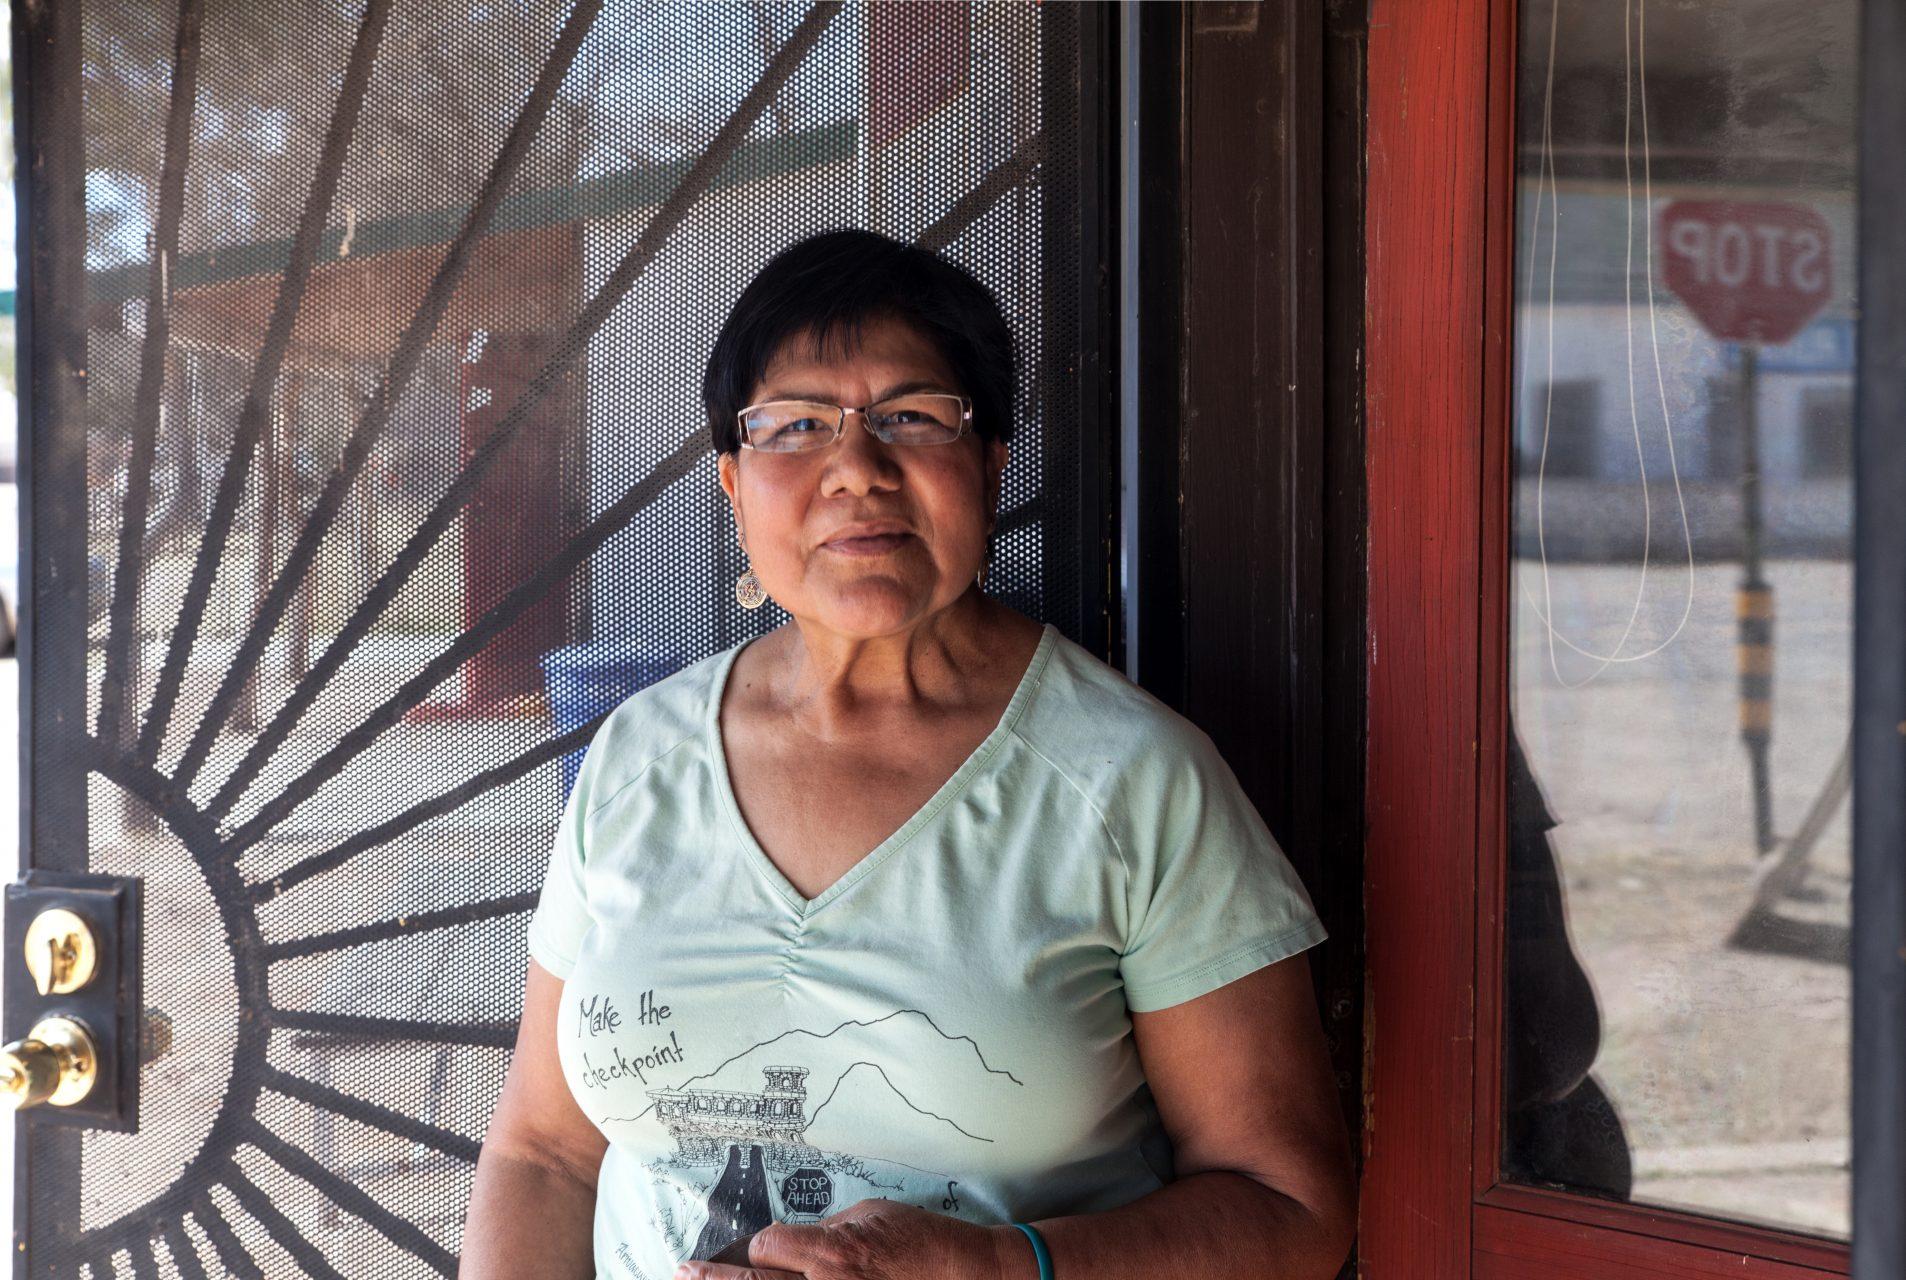 Carlota Wray empfindet die Aufrüstung ihres Grenzdorfs Arivaca